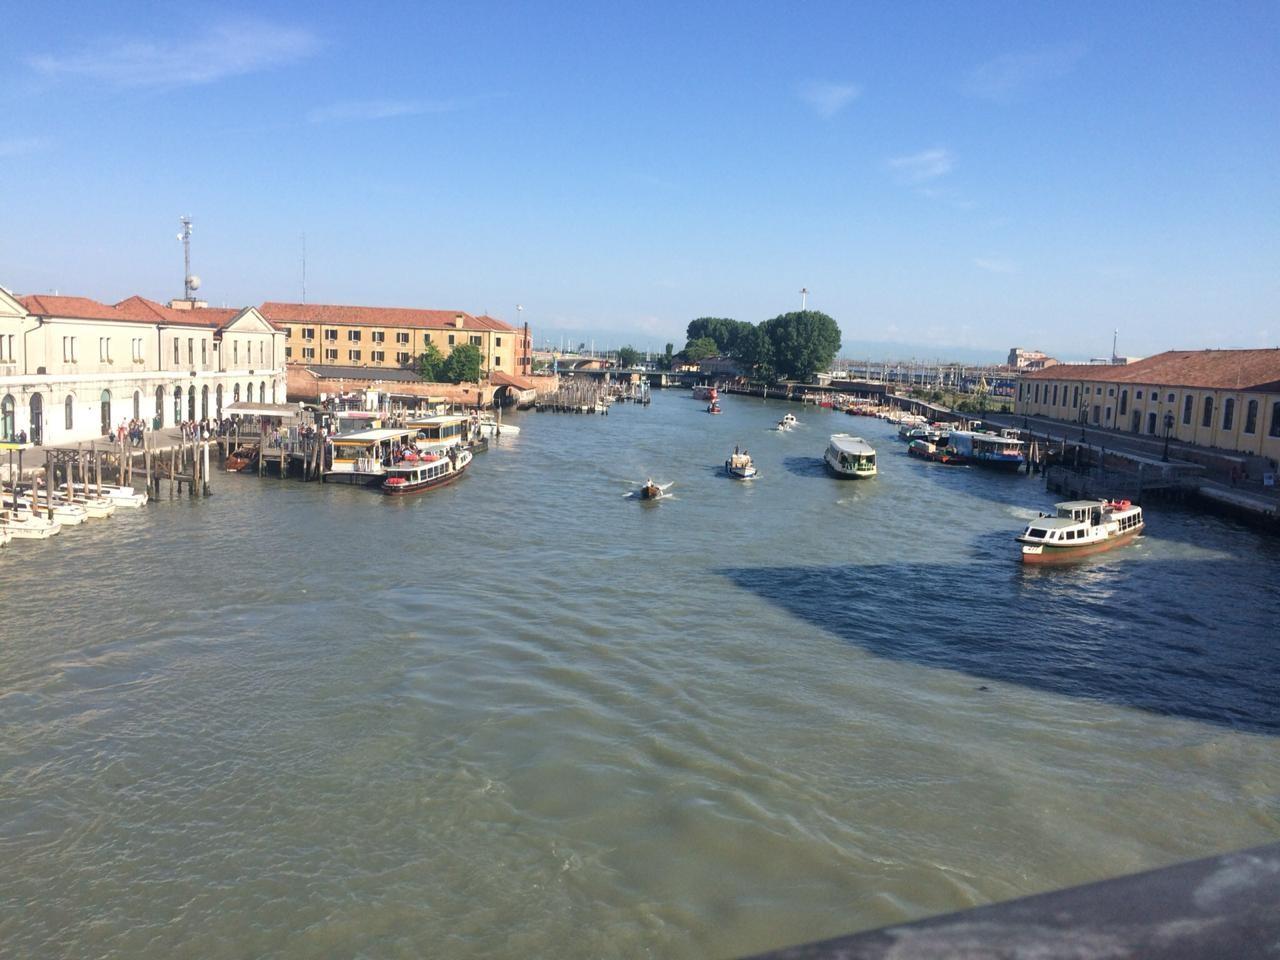 venecia-gondolas-magia-29656d947db5dd5e4